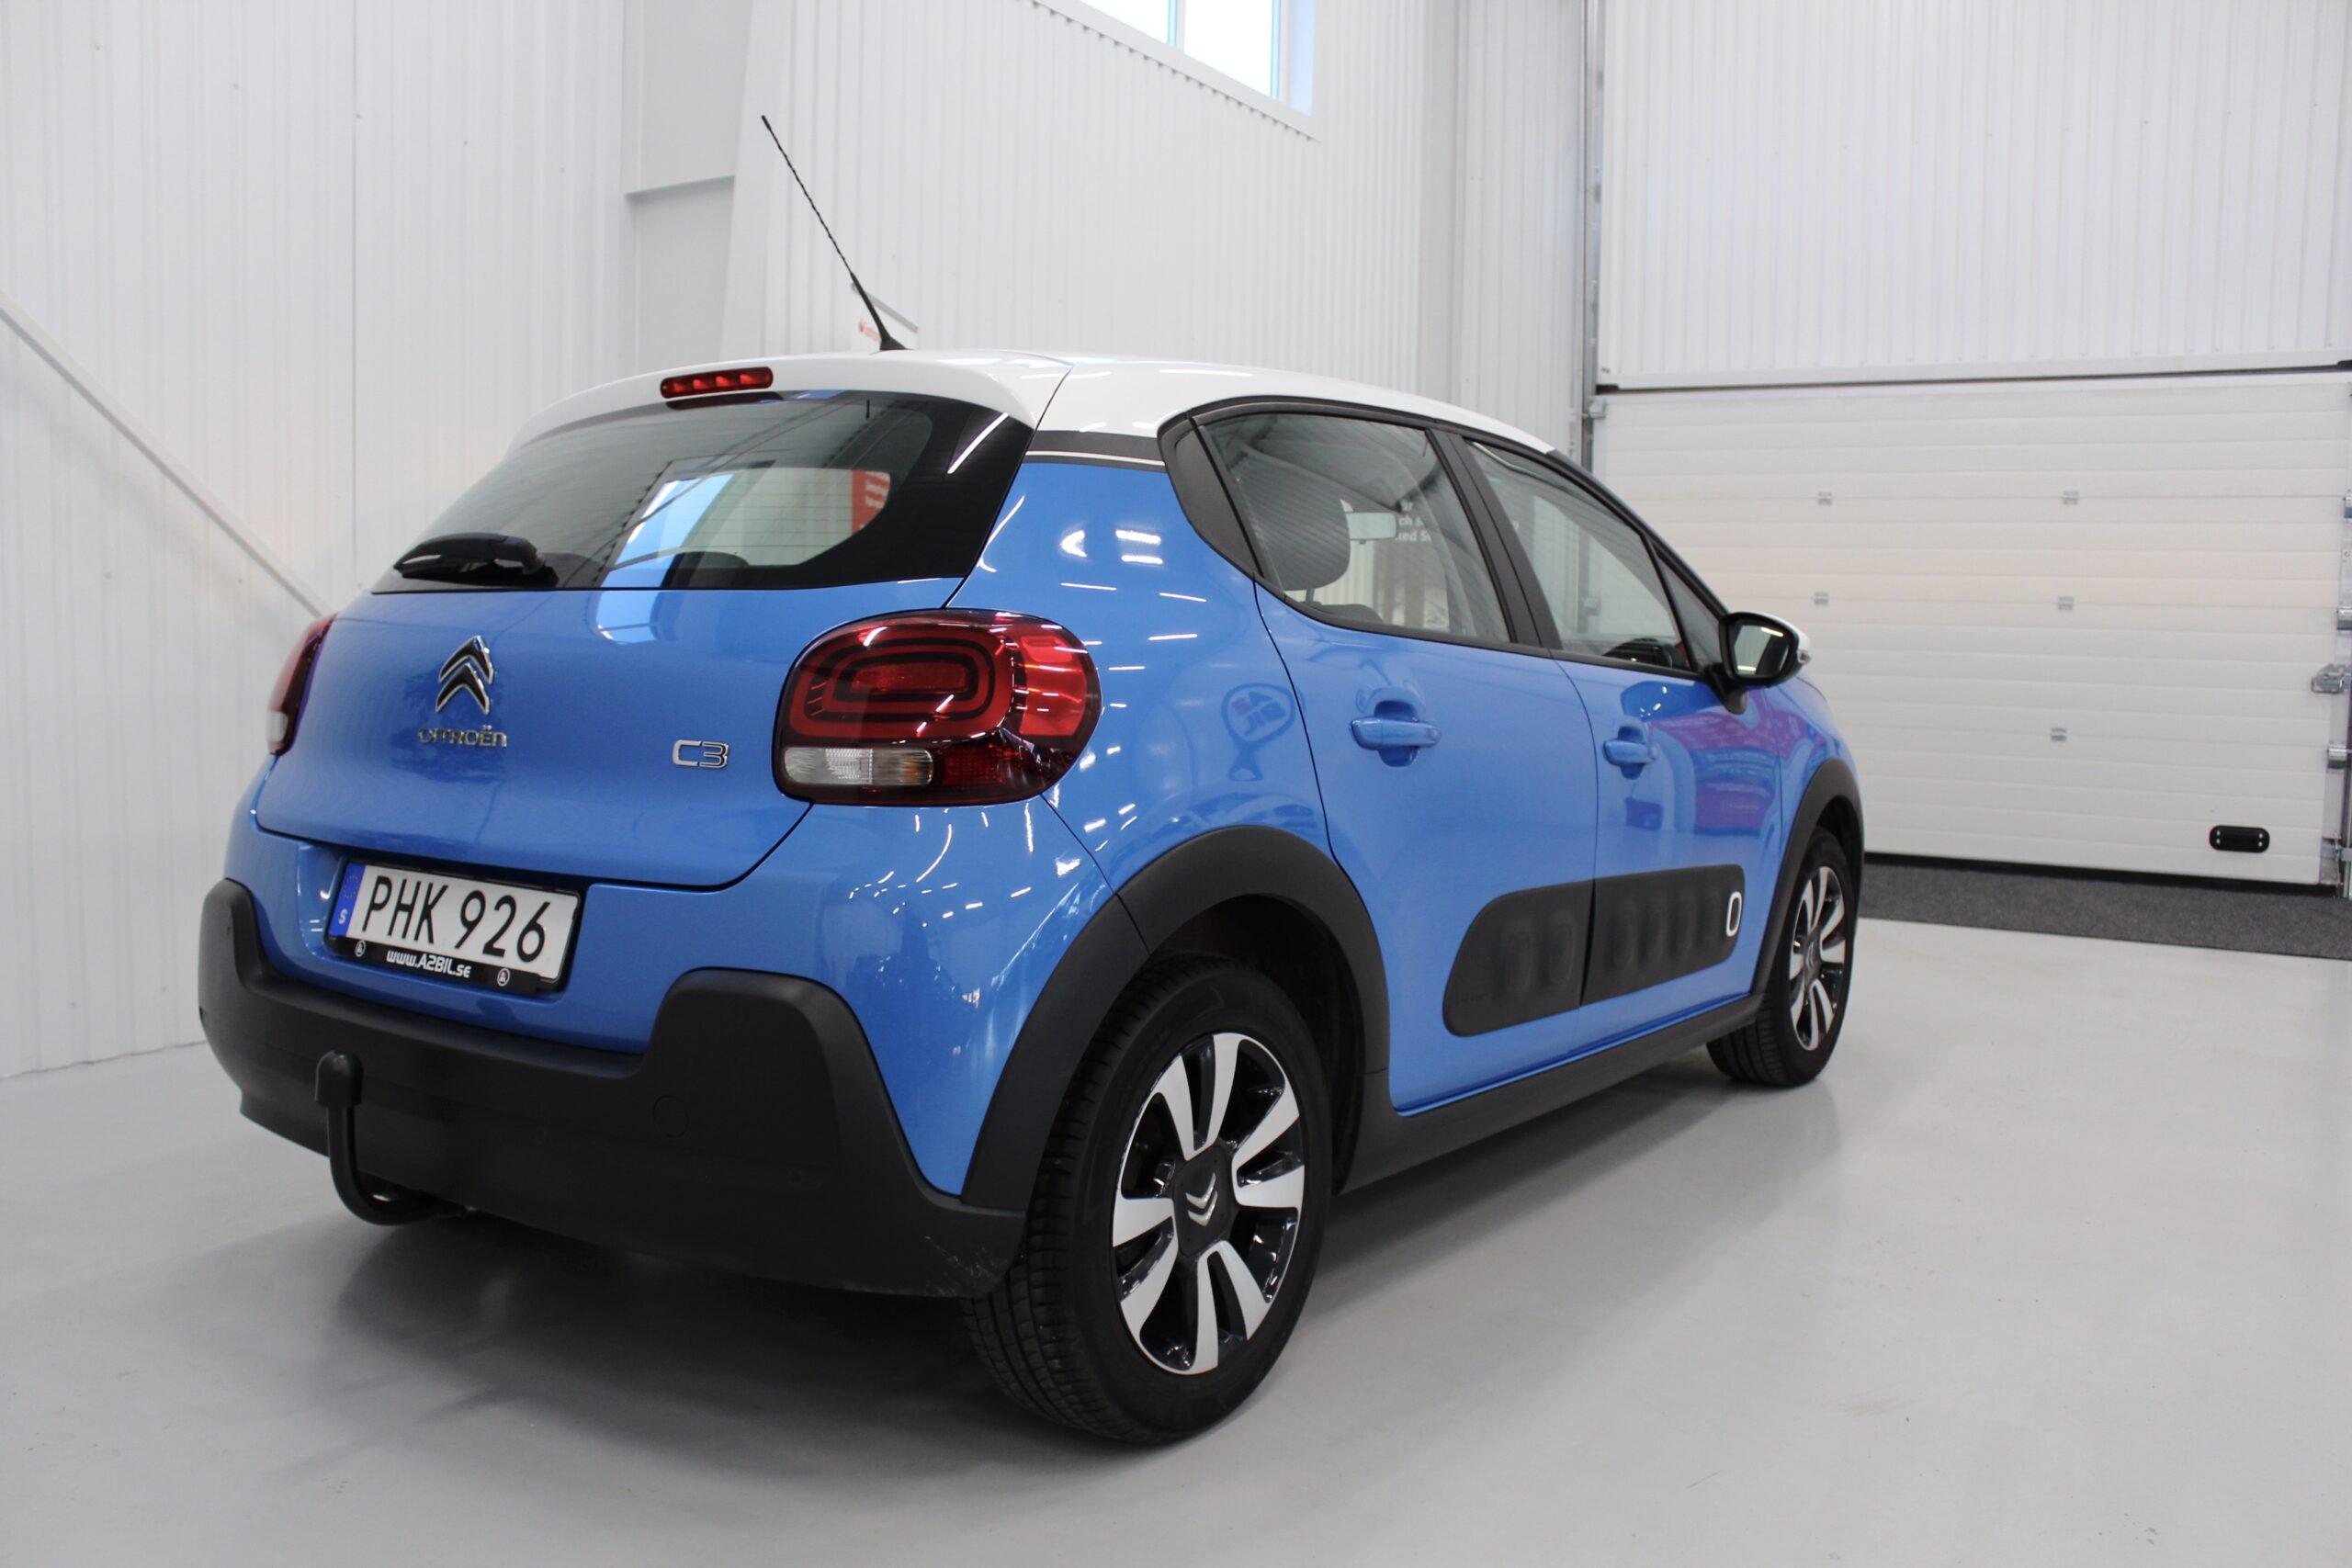 Citroën C3 1.2 VTi Euro 6 82hk